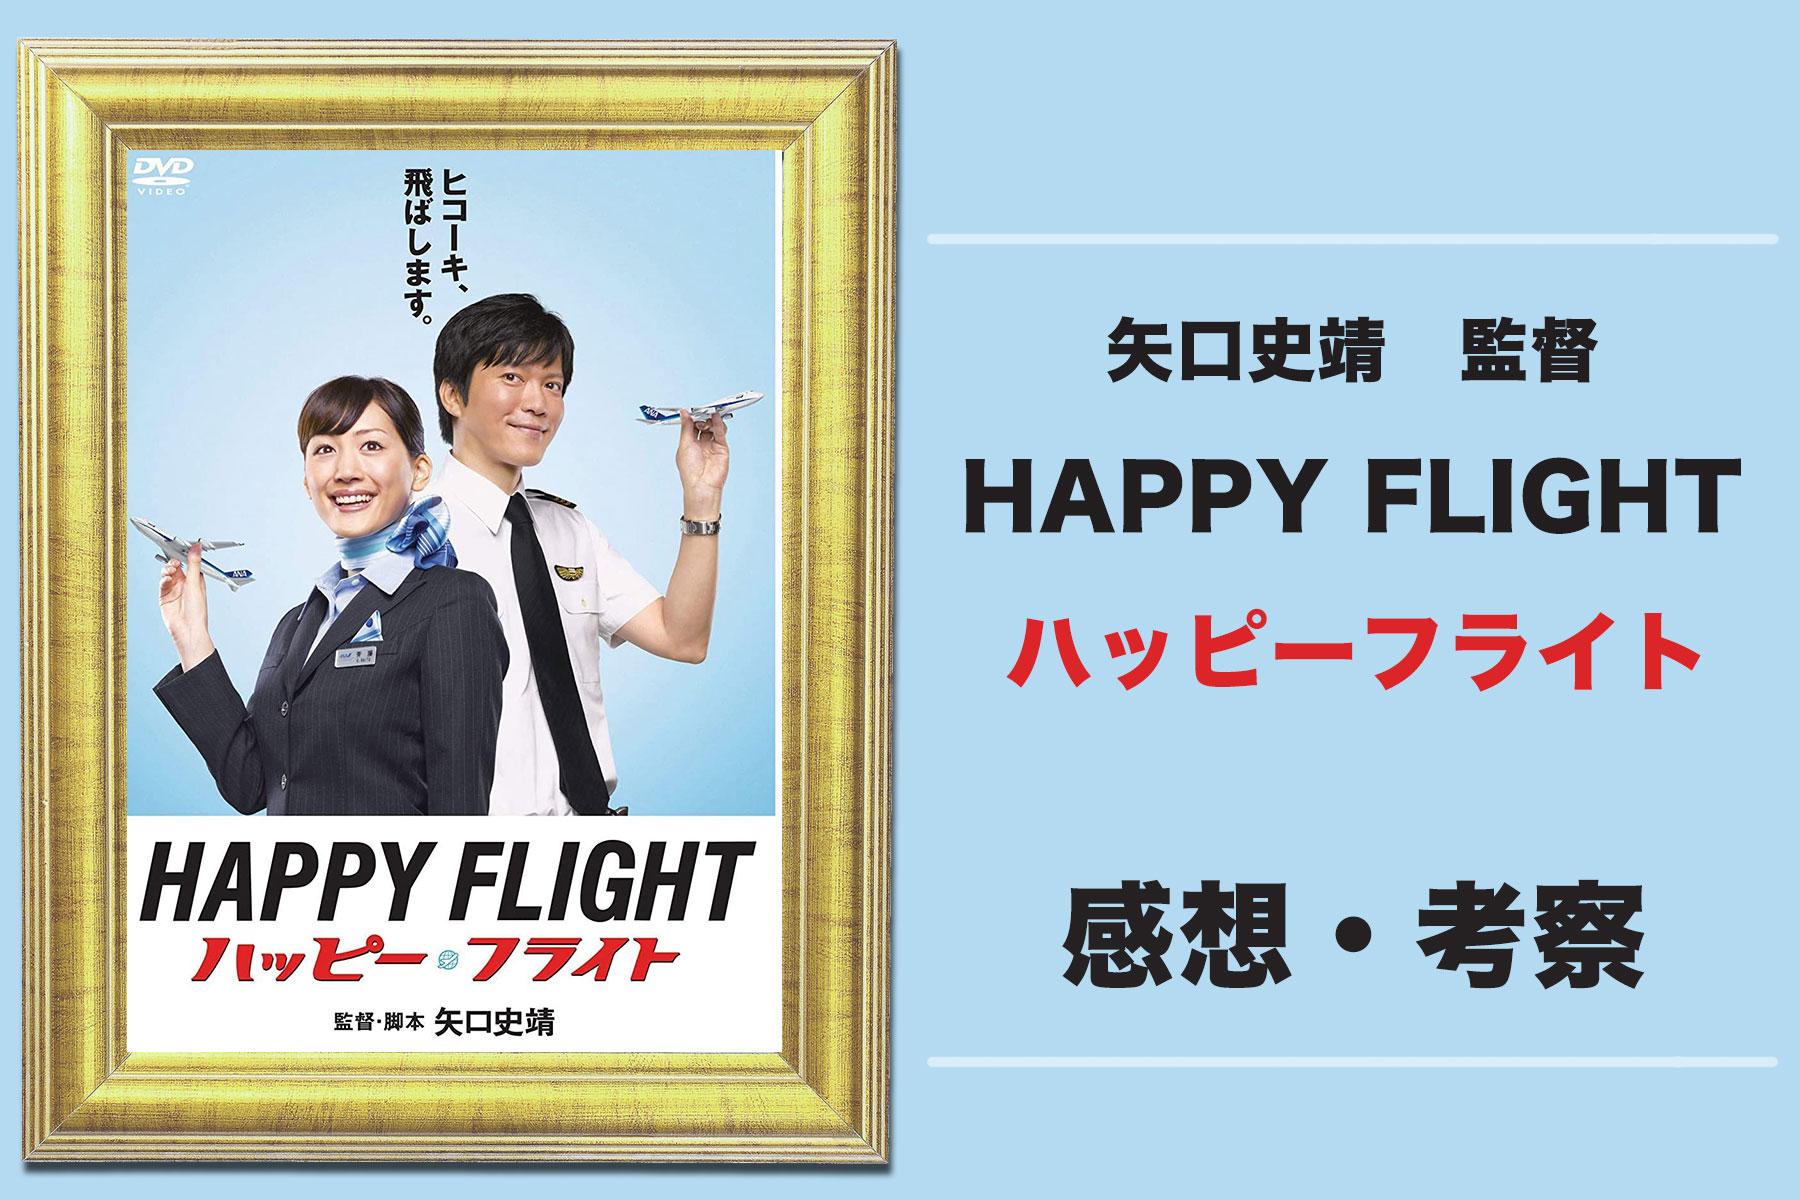 ハッピーフライト_感想・考察